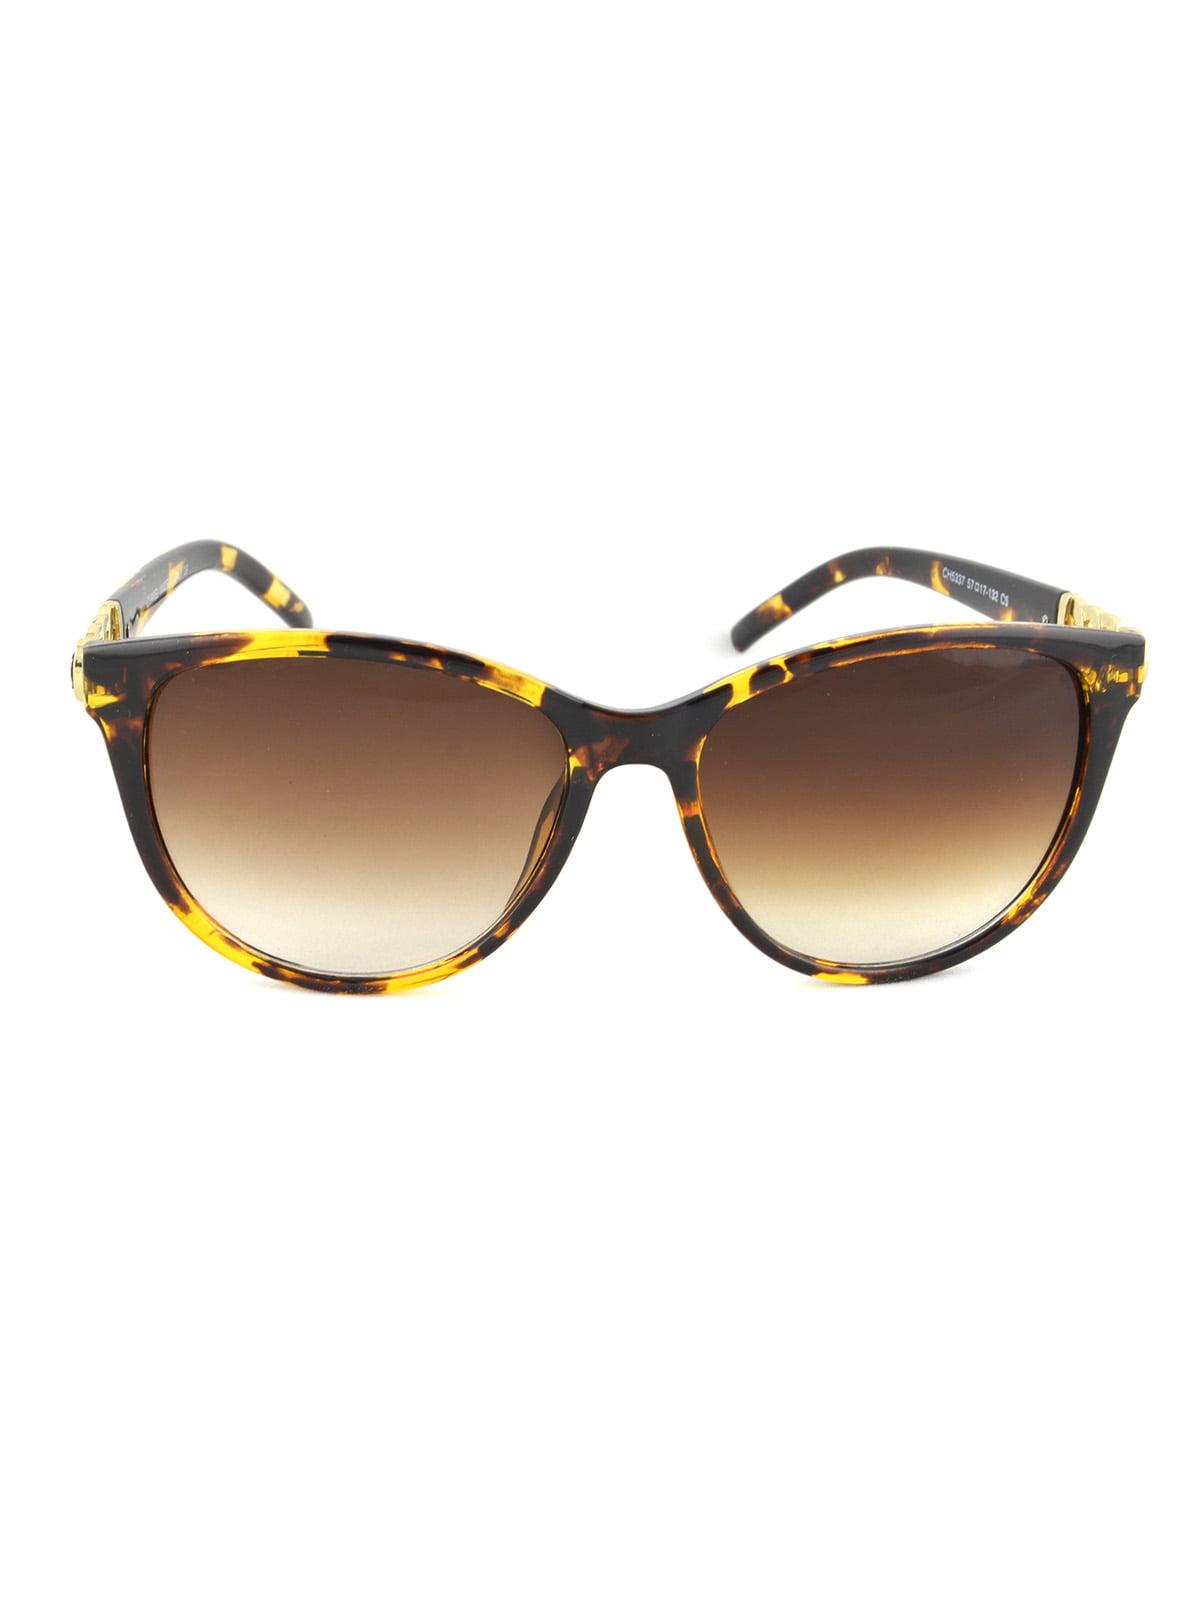 Очки солнцезащитные | 4885310 | фото 2